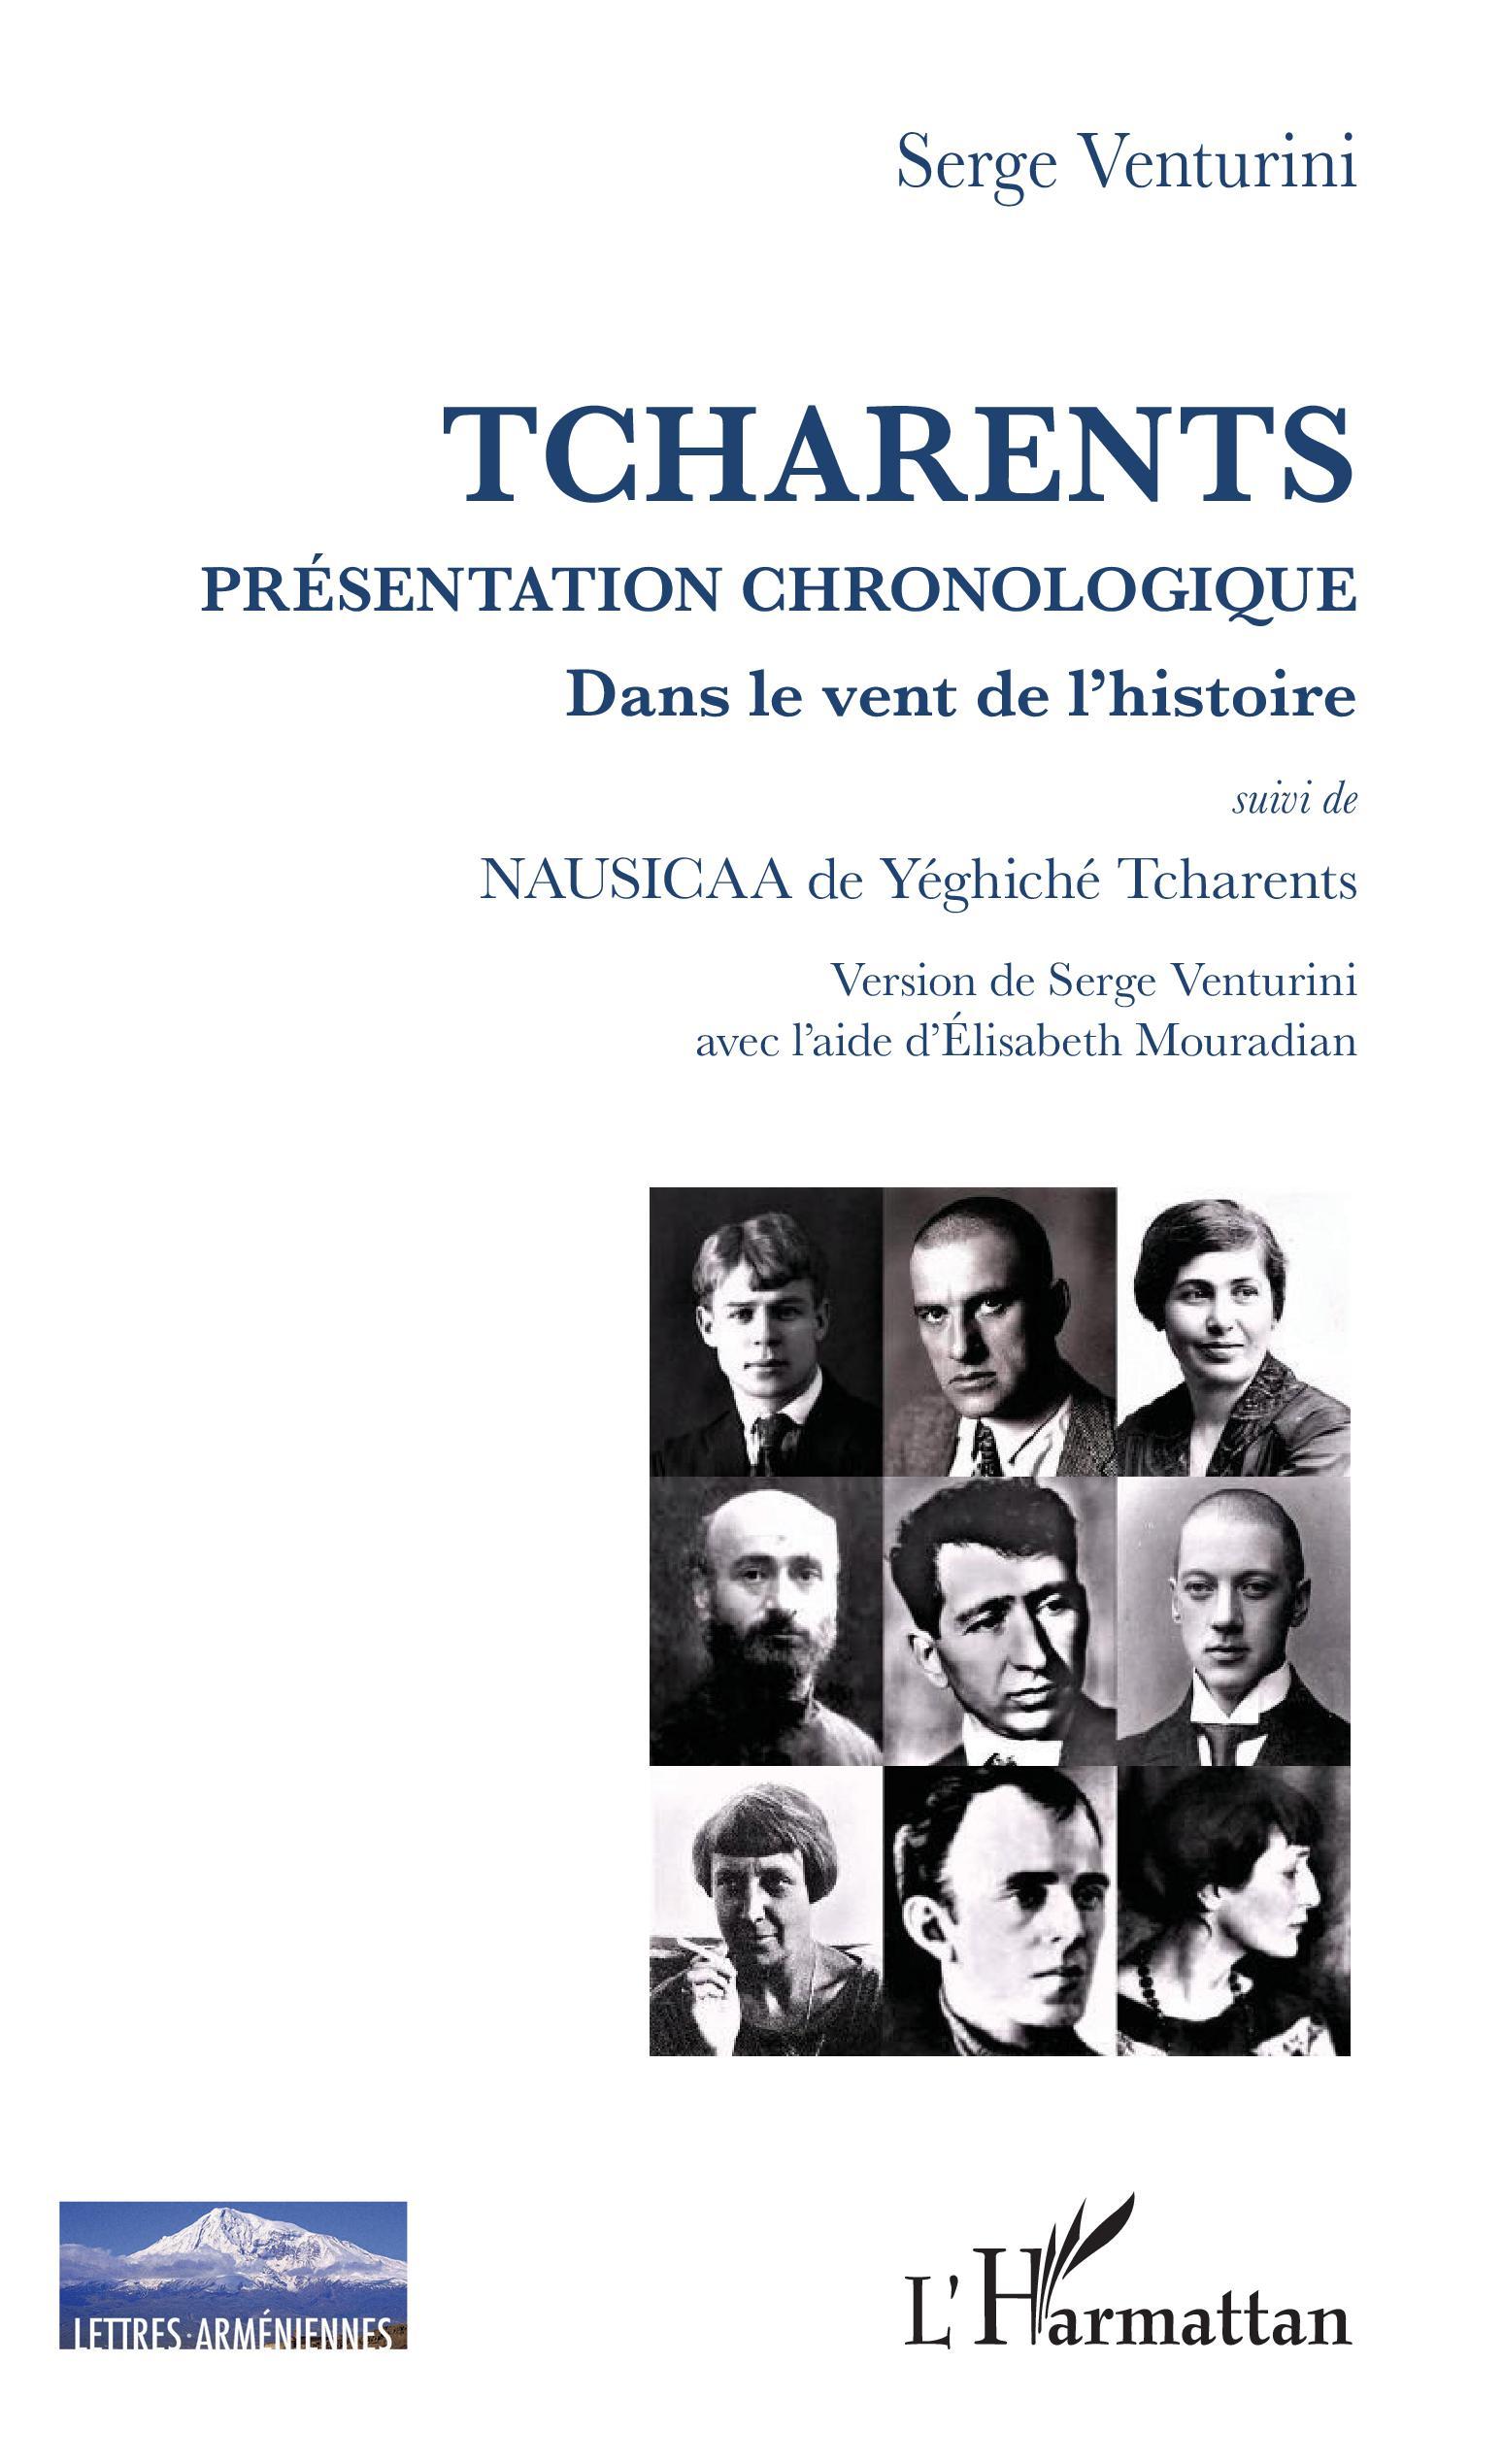 S. Venturini, Tcharents - Présentation chronologique - Dans le vent de l'histoire suivi de Nausicaa de Yéghiché Tcharent